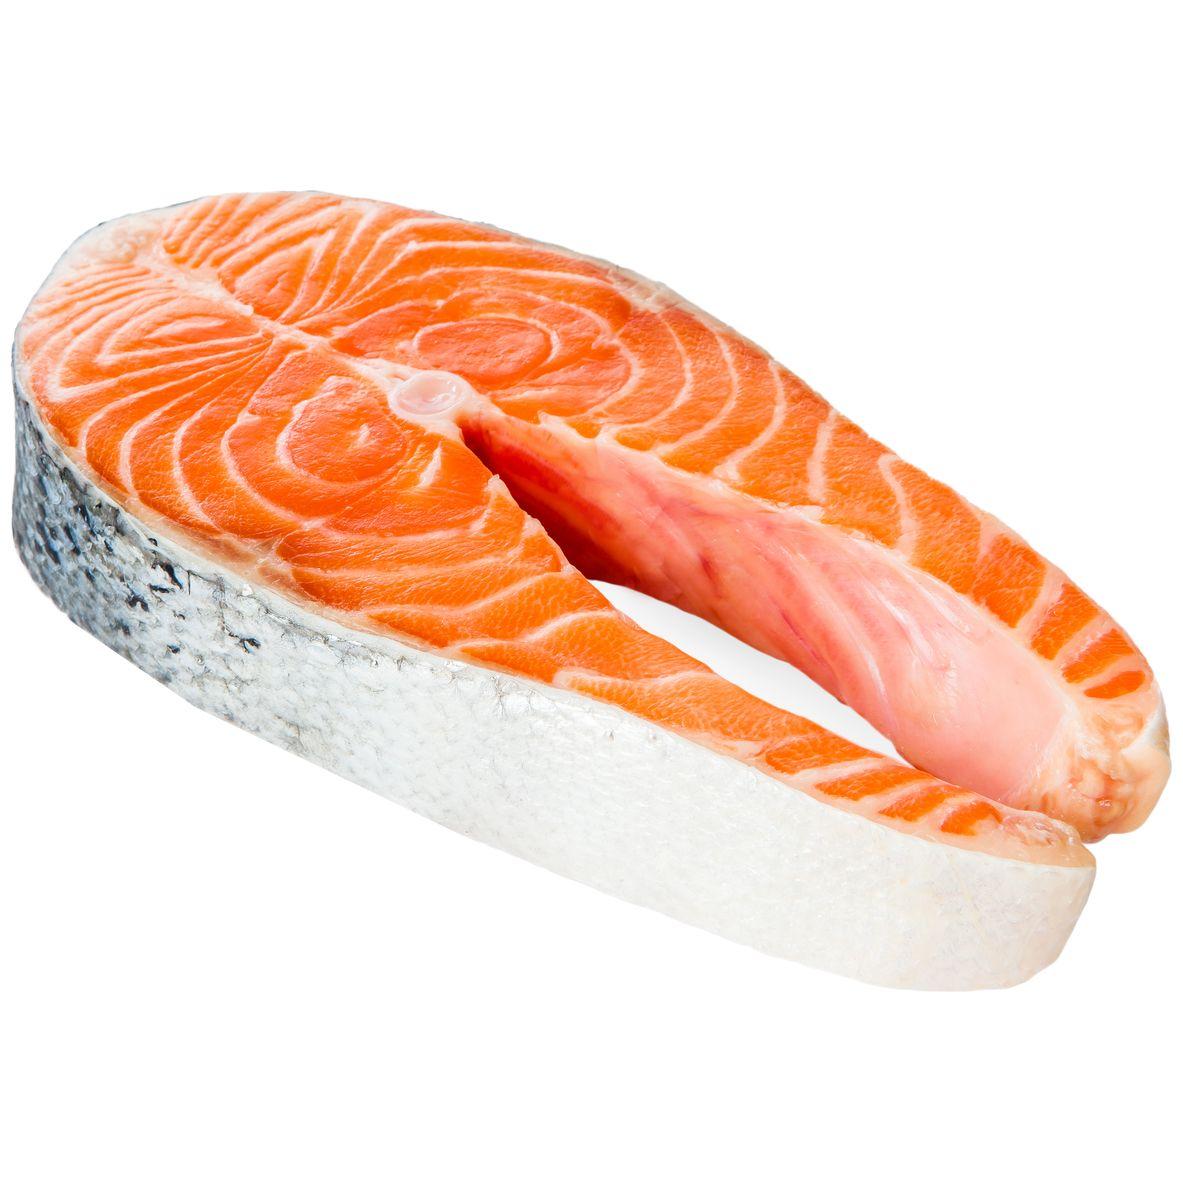 Собственное производство Стейк лосося охл п/ф вес